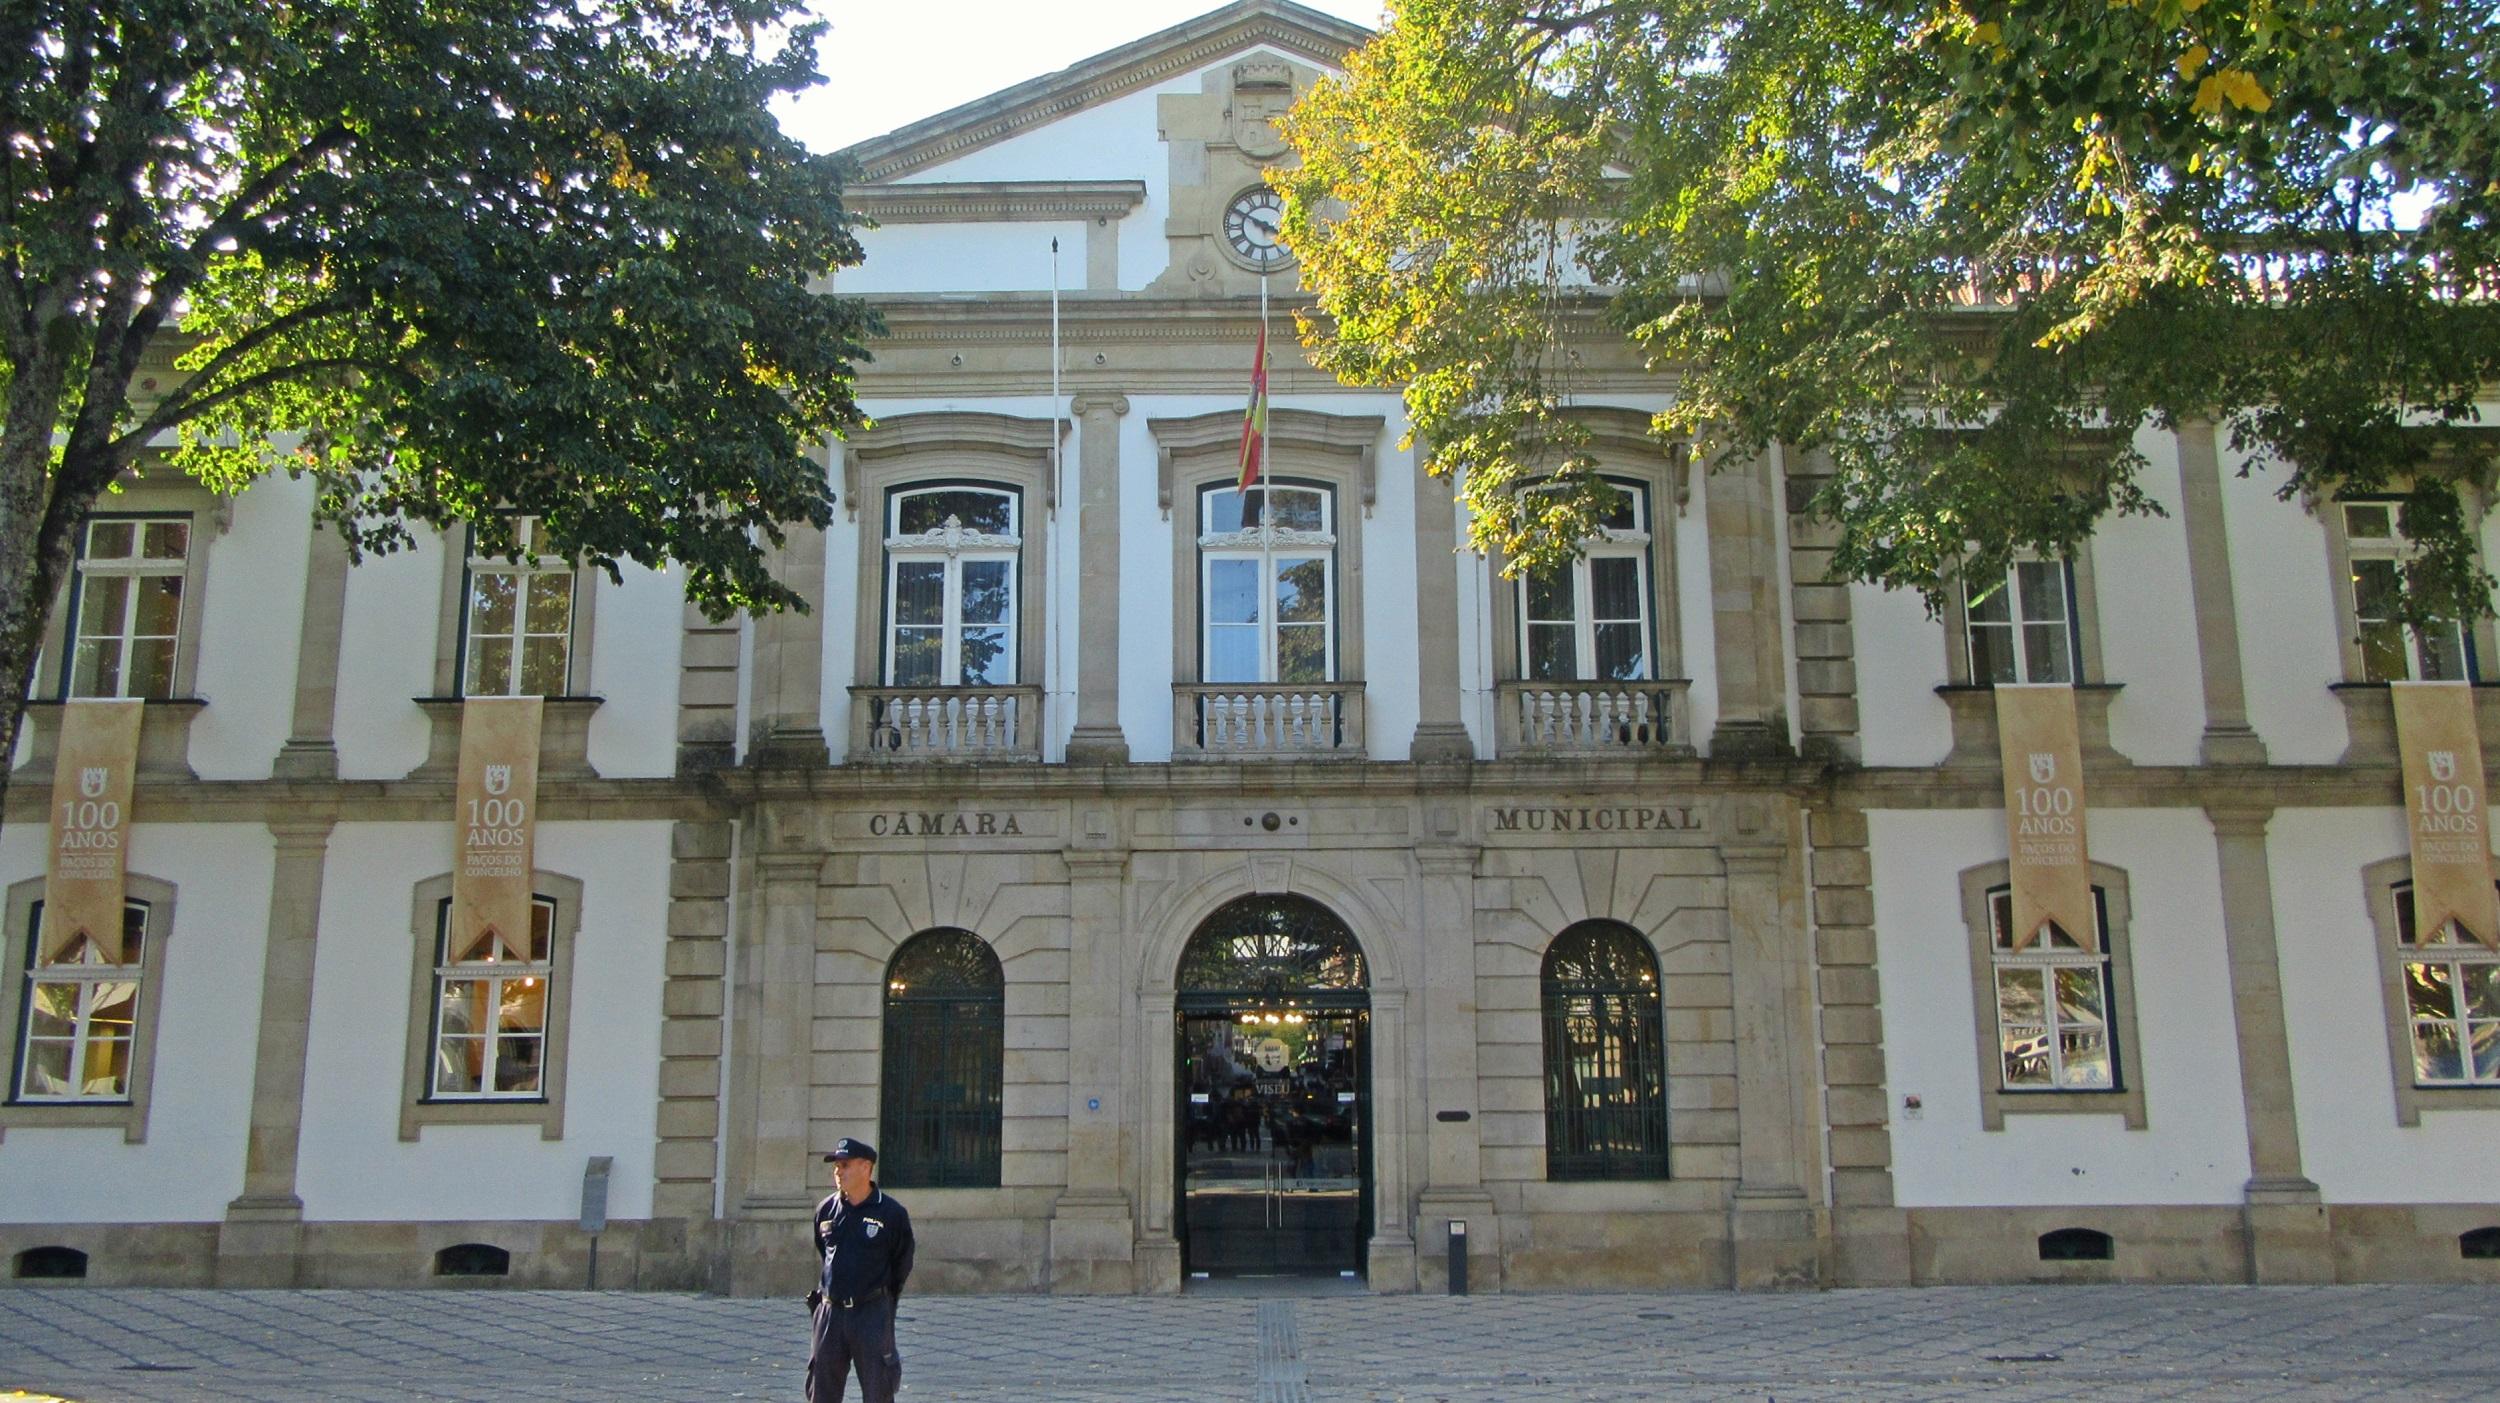 Com dois balcões da CGD encerrados, Câmara de Viseu coloca a zeros as contas bancárias que mantinha no banco público